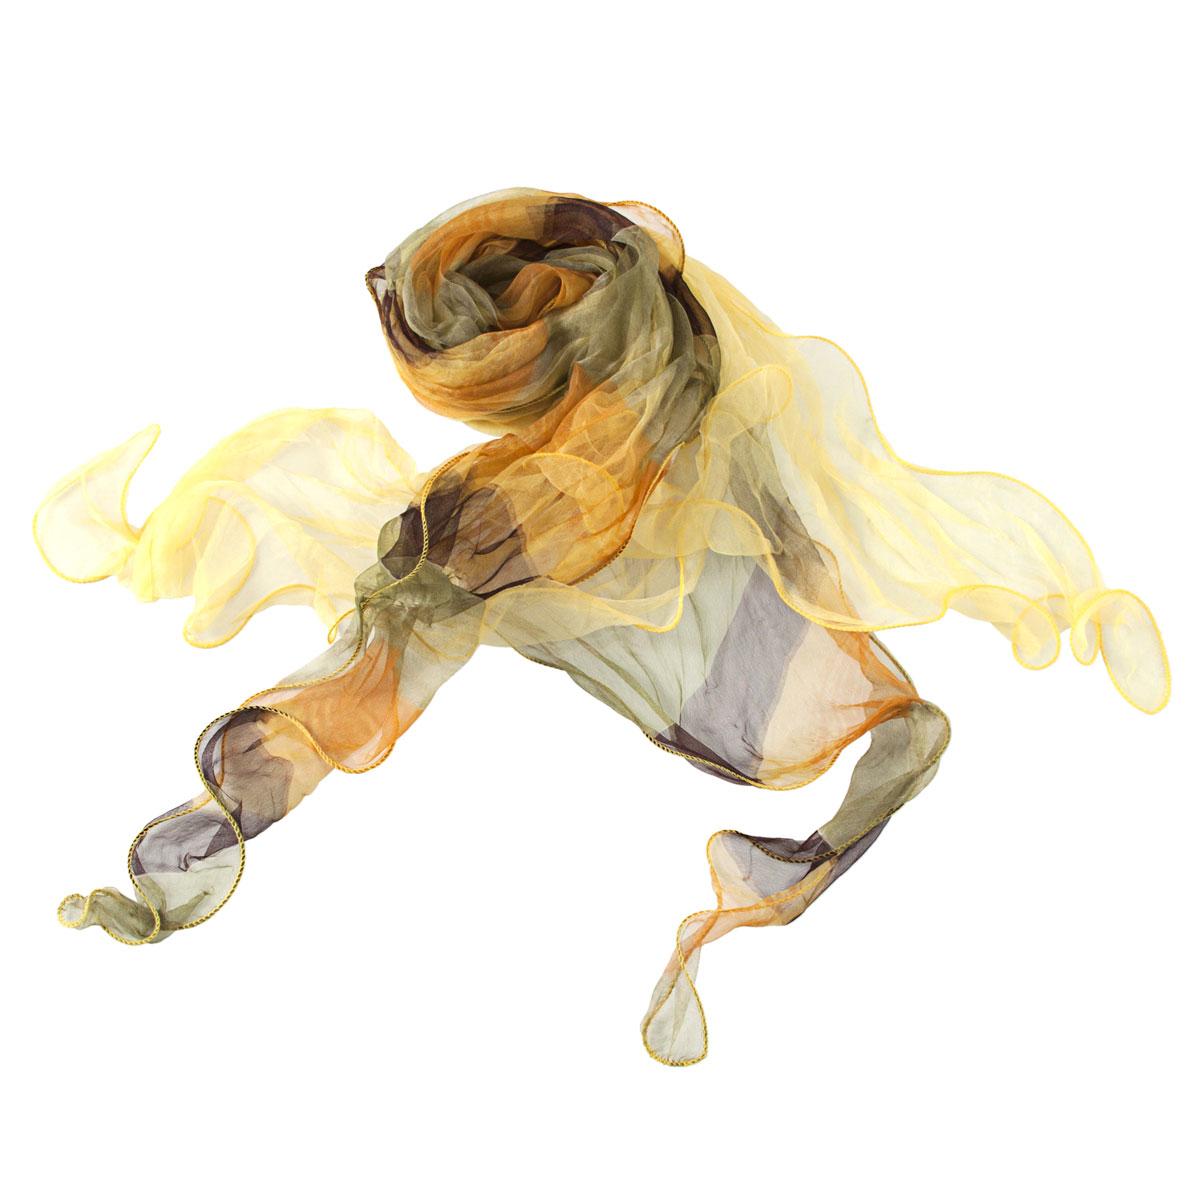 Шарф21/0044/619Модный женский шарф Модные истории станет нарядным аксессуаром, который призван подчеркнуть вашу индивидуальность и очарование. Шарф выполнен из шелка и состоит из двух деталей, соединенных в центре и разделяющихся к краям. Он оформлен принтом с широкими полосками, а оригинальные волнистые края придают шарфу воздушность и легкость. Этот модный аксессуар гармонично дополнит образ современной женщины, следящей за своим имиджем и стремящейся всегда оставаться стильной и элегантной. Такой шарф украсит любой наряд, с ним вы всегда будете выглядеть изысканно и оригинально.